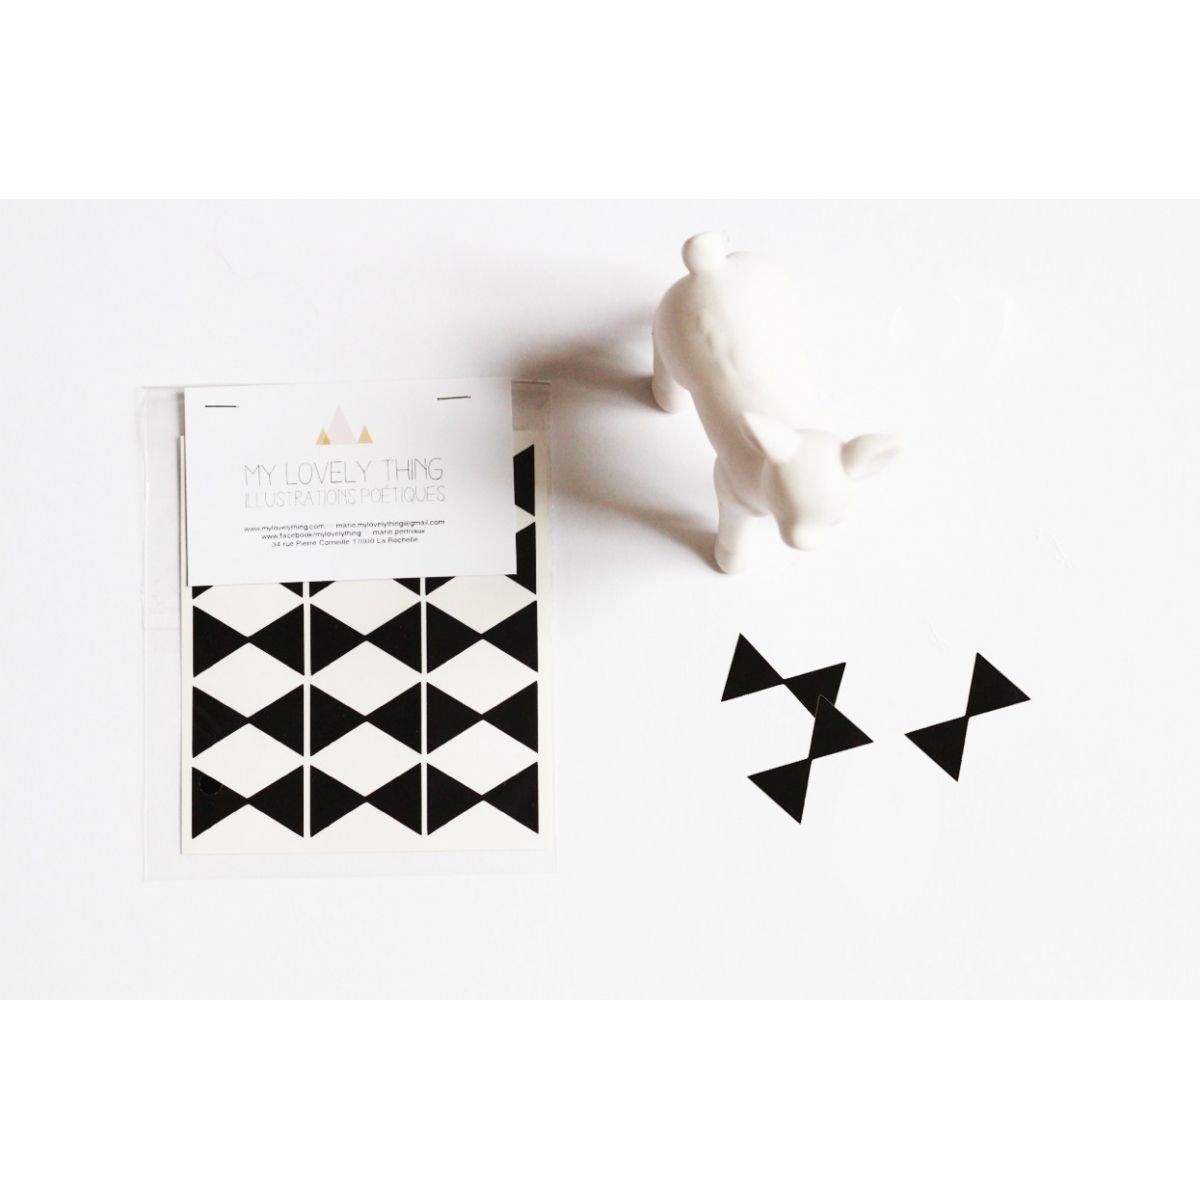 Naklejki Stickers Bow Tie black kokardki czarne - My Lovely